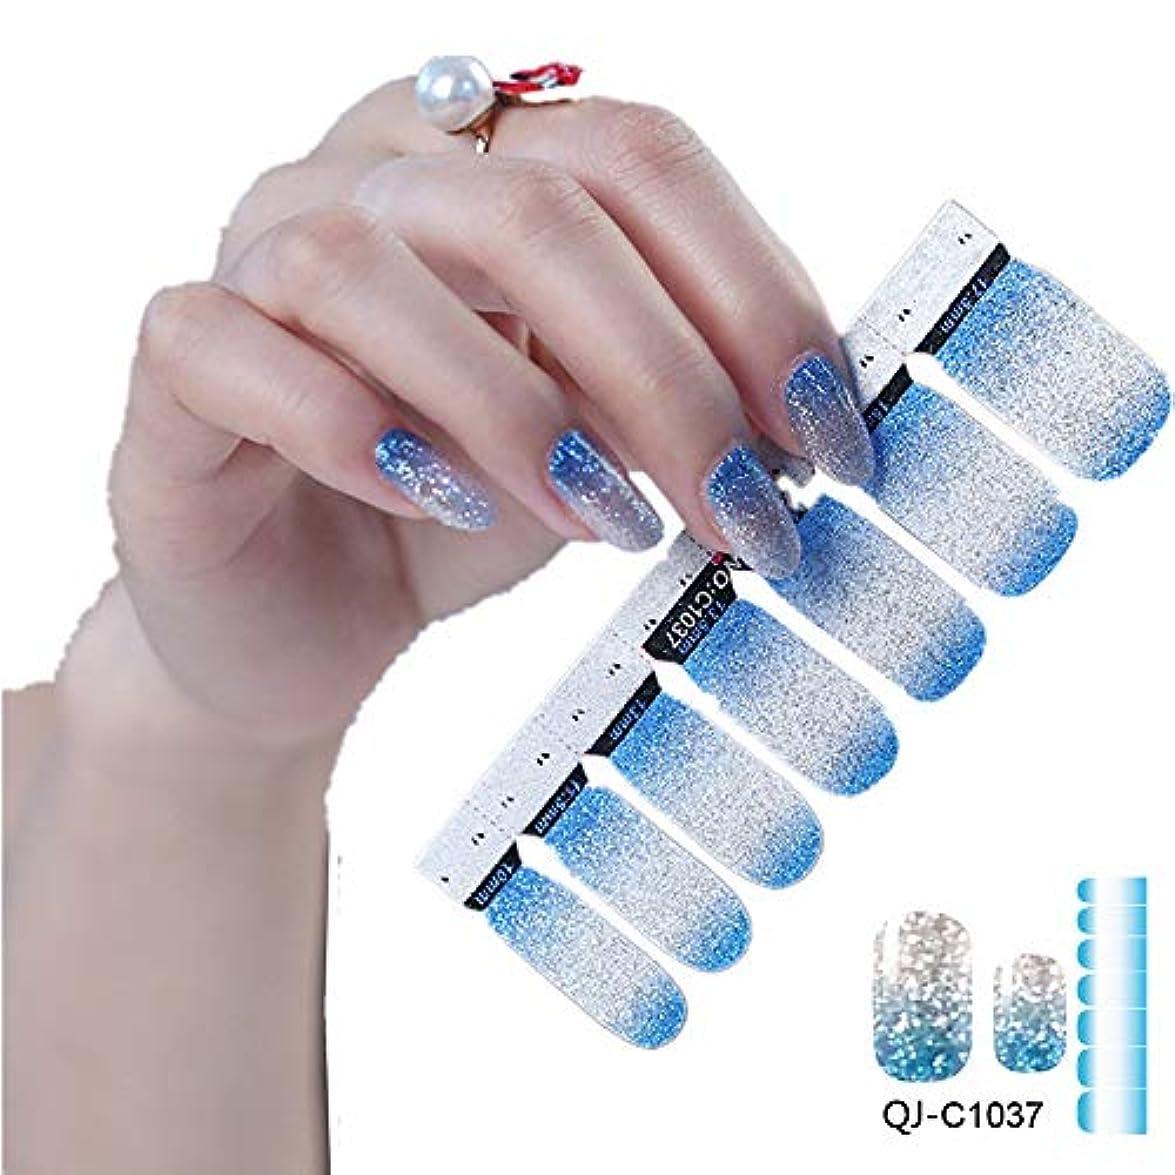 デュアル微生物悪意のある1枚×14シール ネイルシール ネイルステッカー セット 貼るだけマニキュア 爪やすり1本付き (1037)